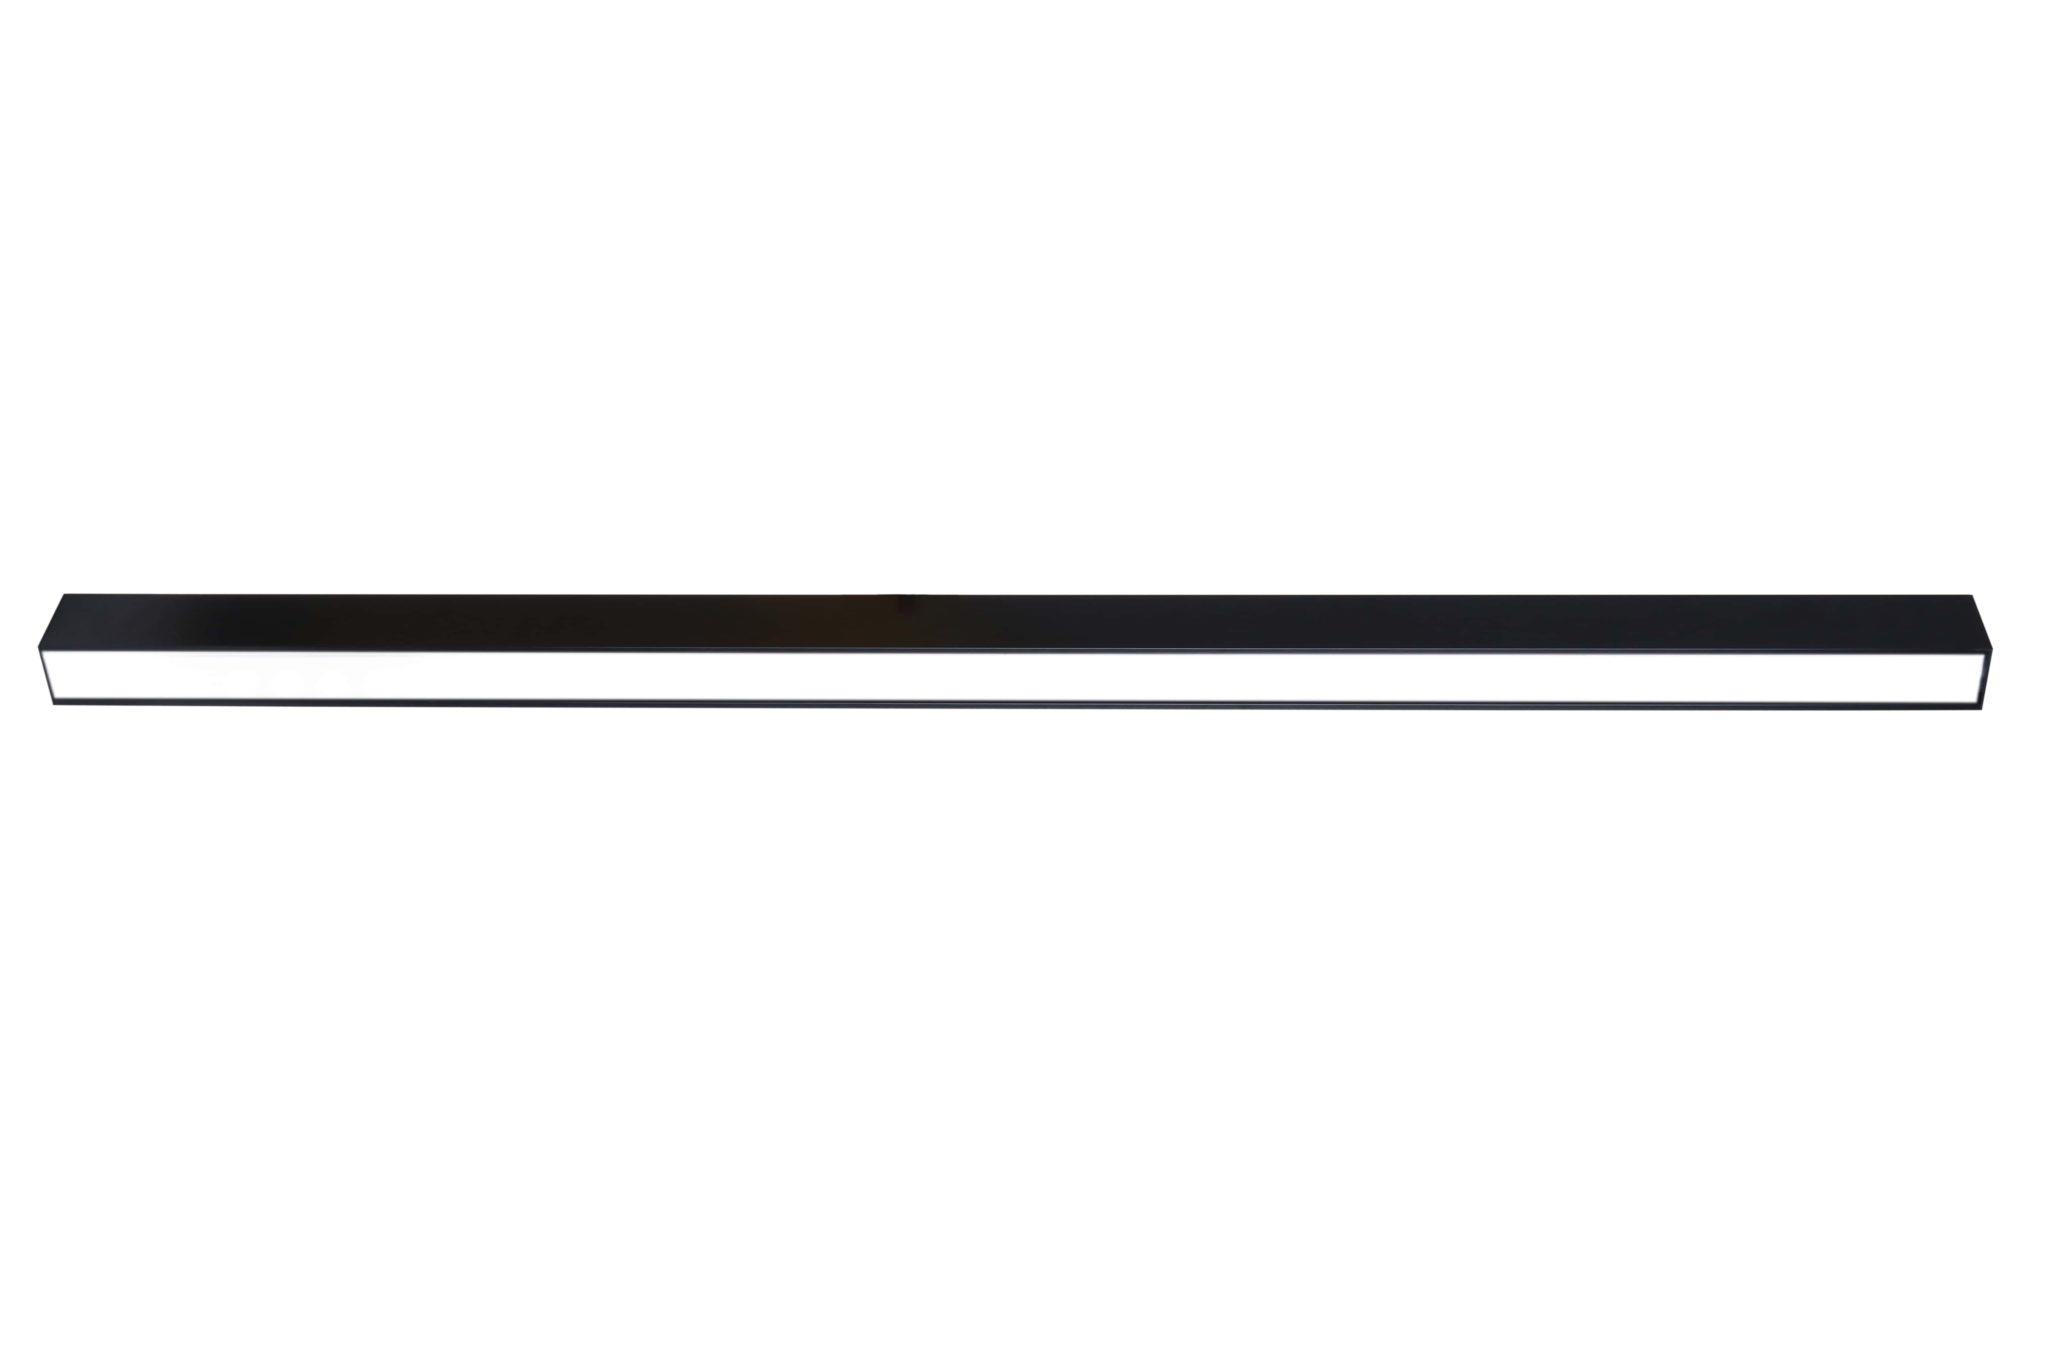 Светильники LINE-W предназначены для освещения торгово развлекательных центров, офисов, супермаркетов.